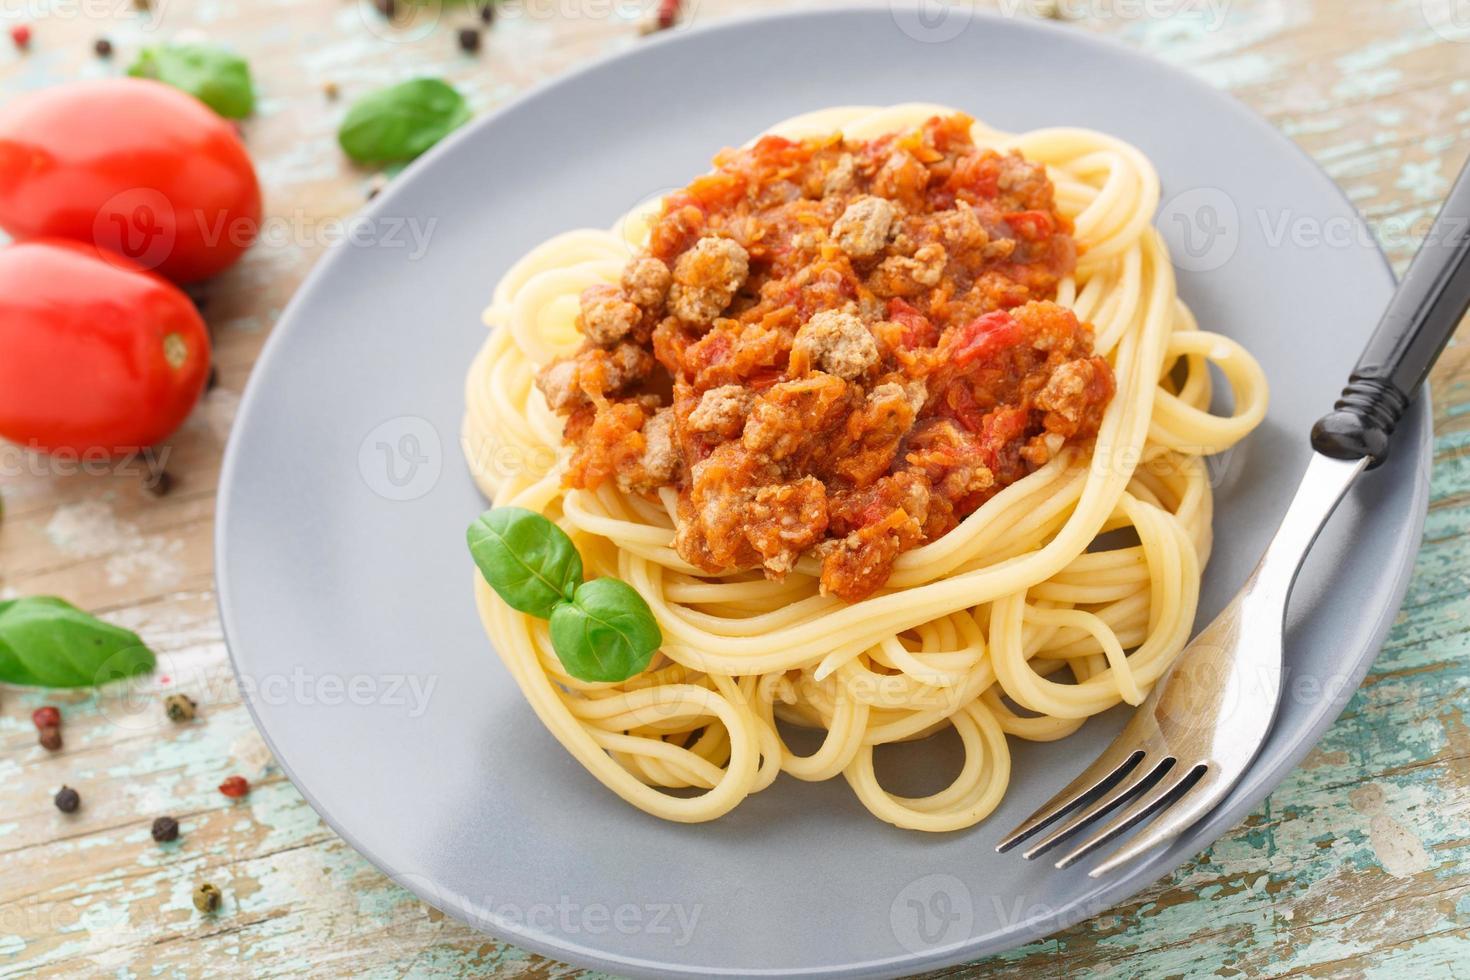 spaghetti alla bolognese con foglie di basilico foto